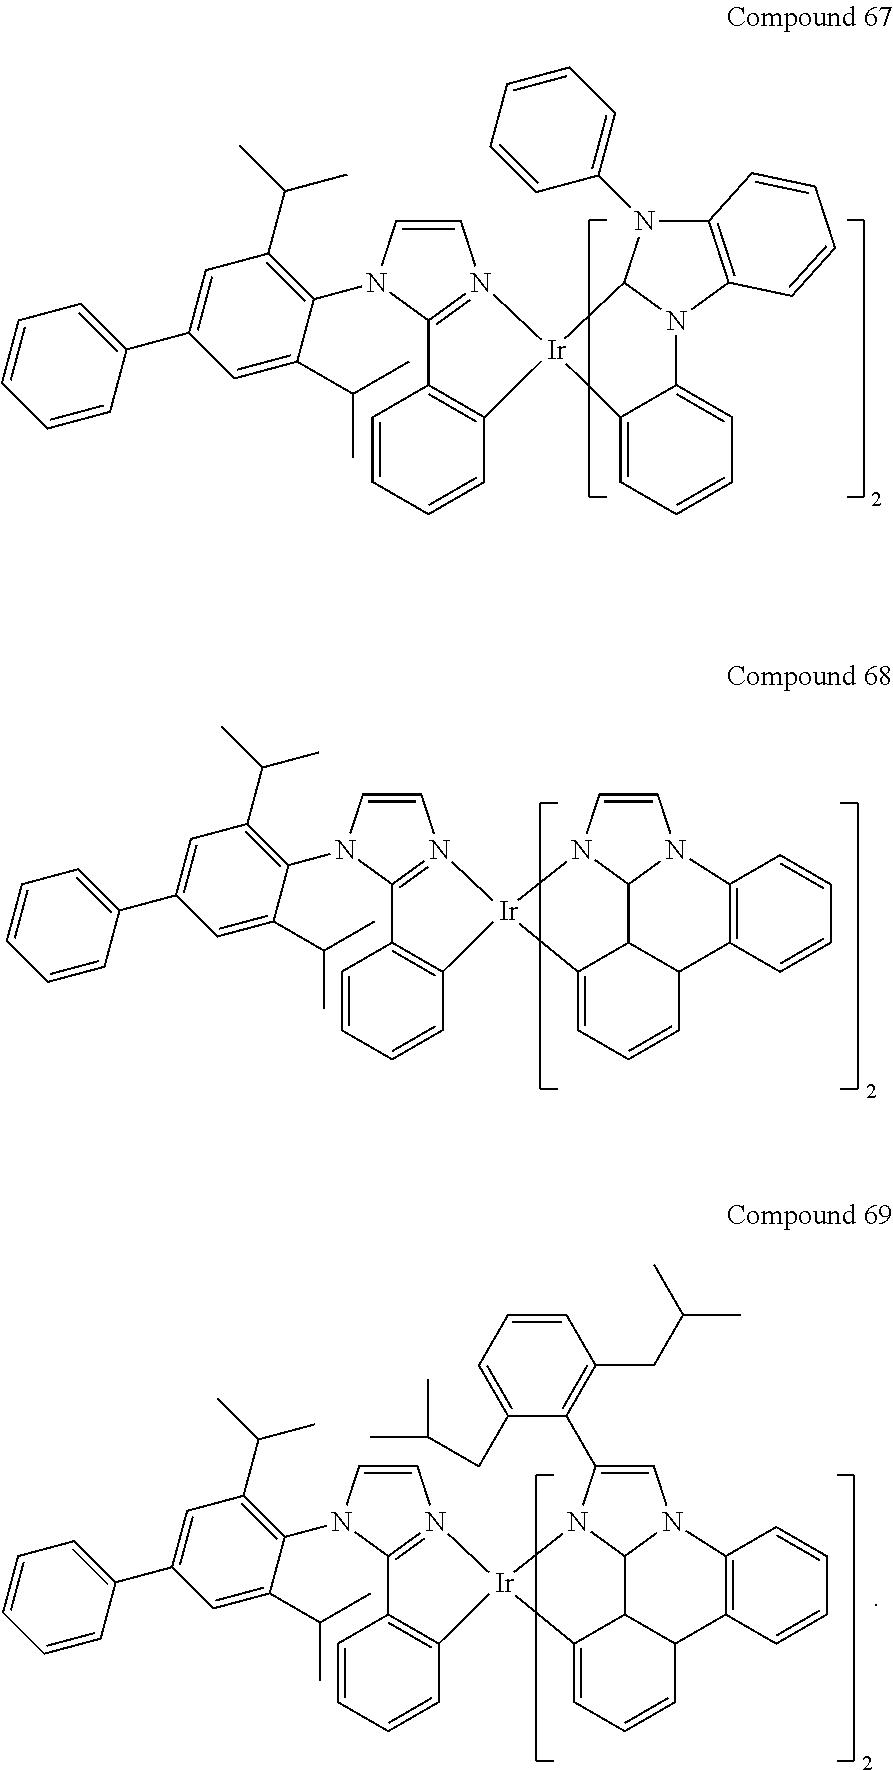 Figure US09735377-20170815-C00030